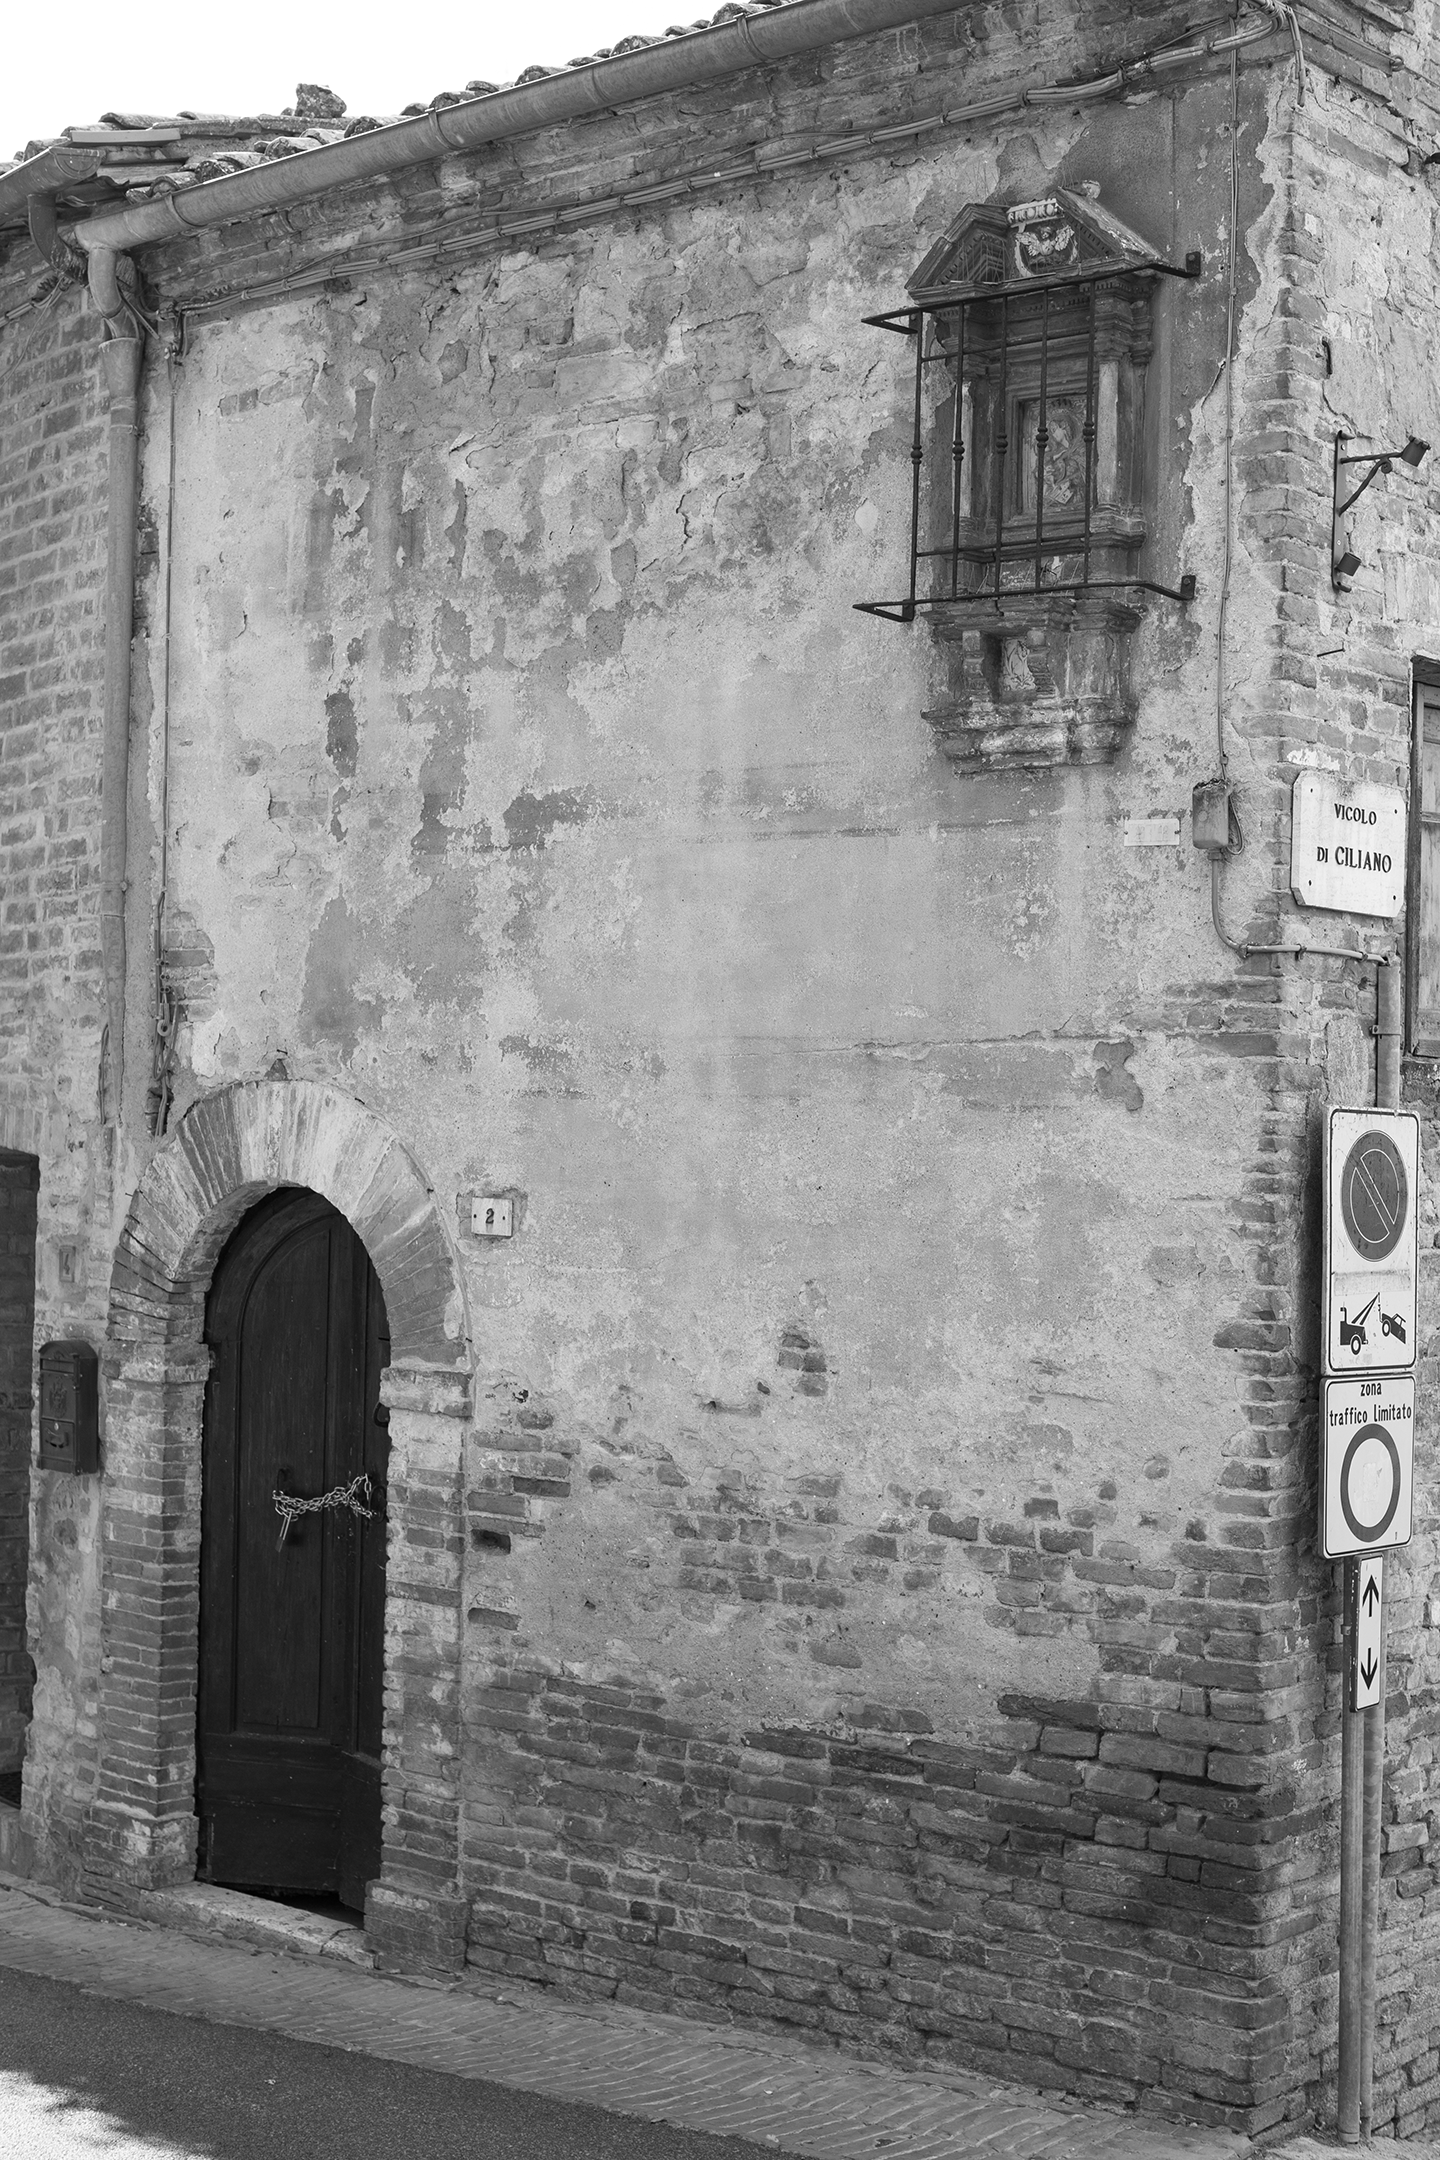 montepulciano building spooky